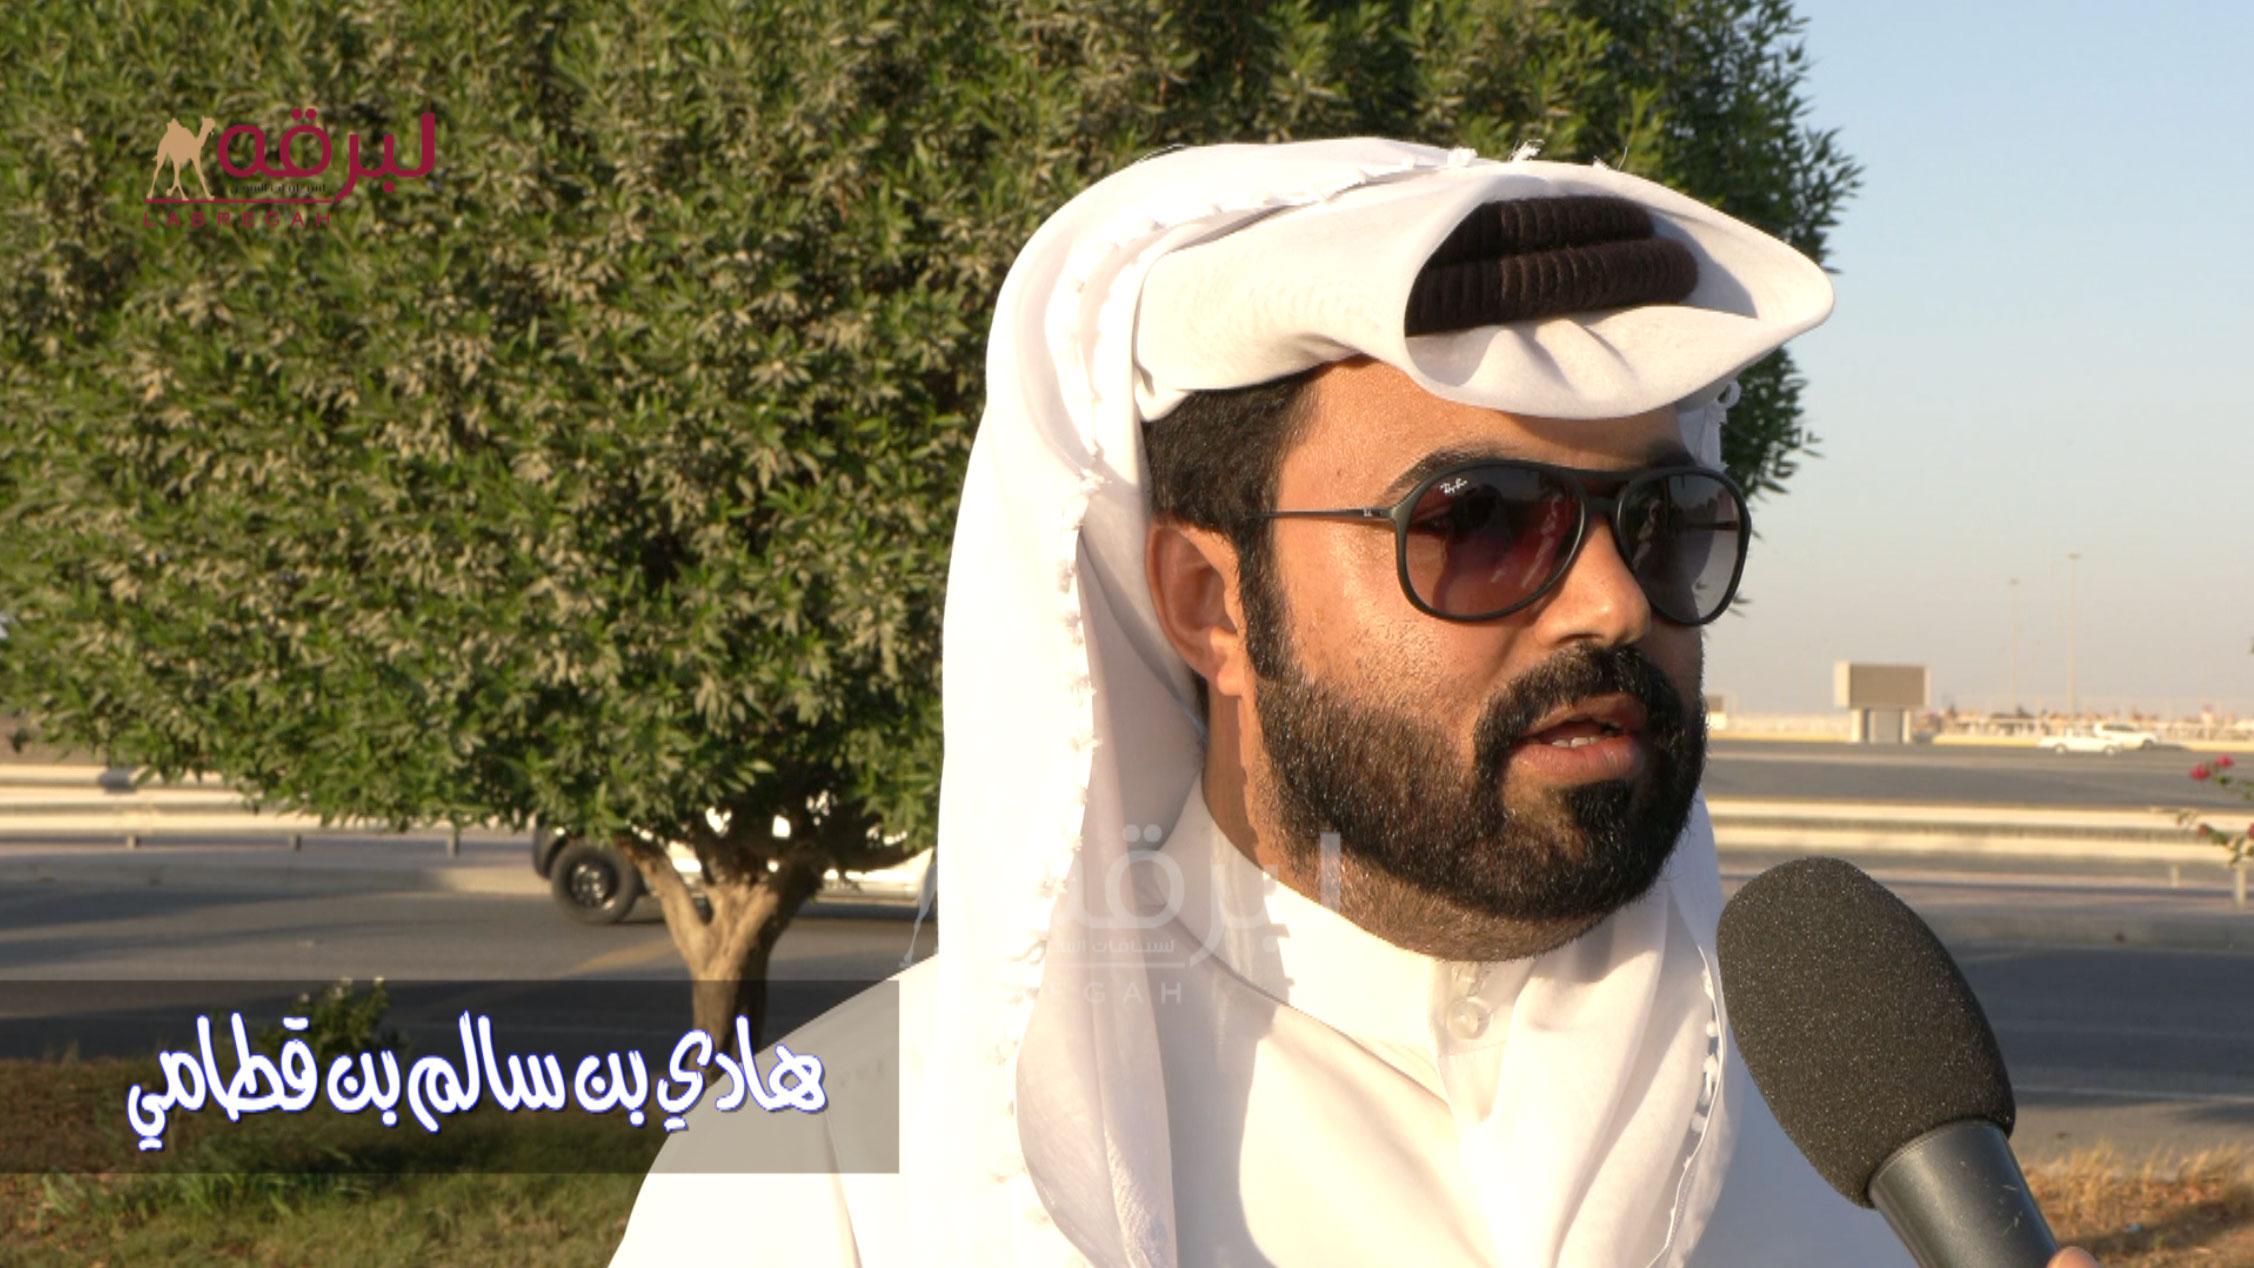 لقاء مع هادي بن سالم بن قطامي.. الشوط الرئيسي للجذاع قعدان (إنتاج) الأشواط العامة  ٢٣-١٠-٢٠٢١